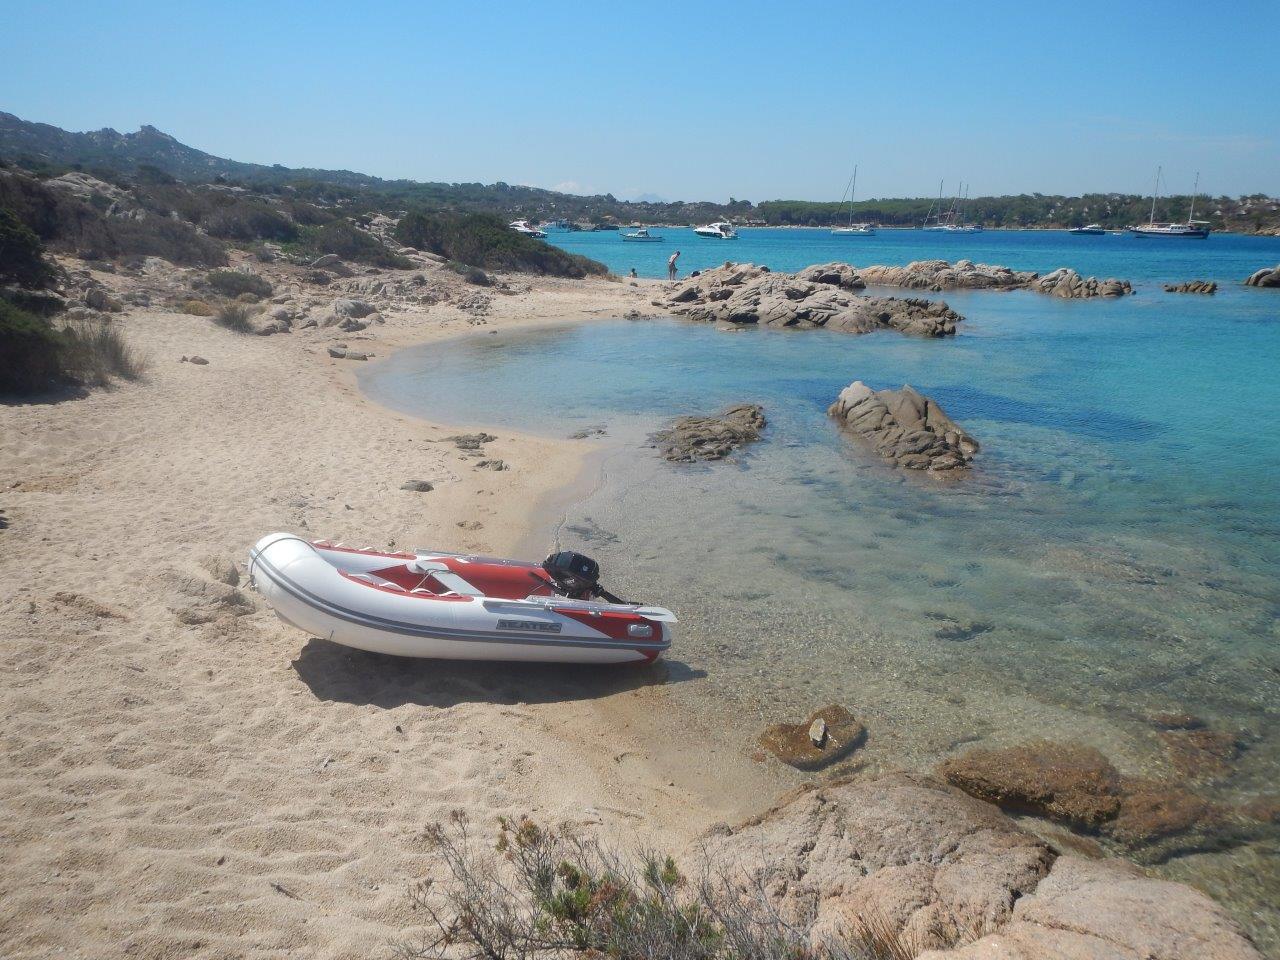 Segeltörn mit Skipper Sardinien die Jojo ist unsere Segelyacht